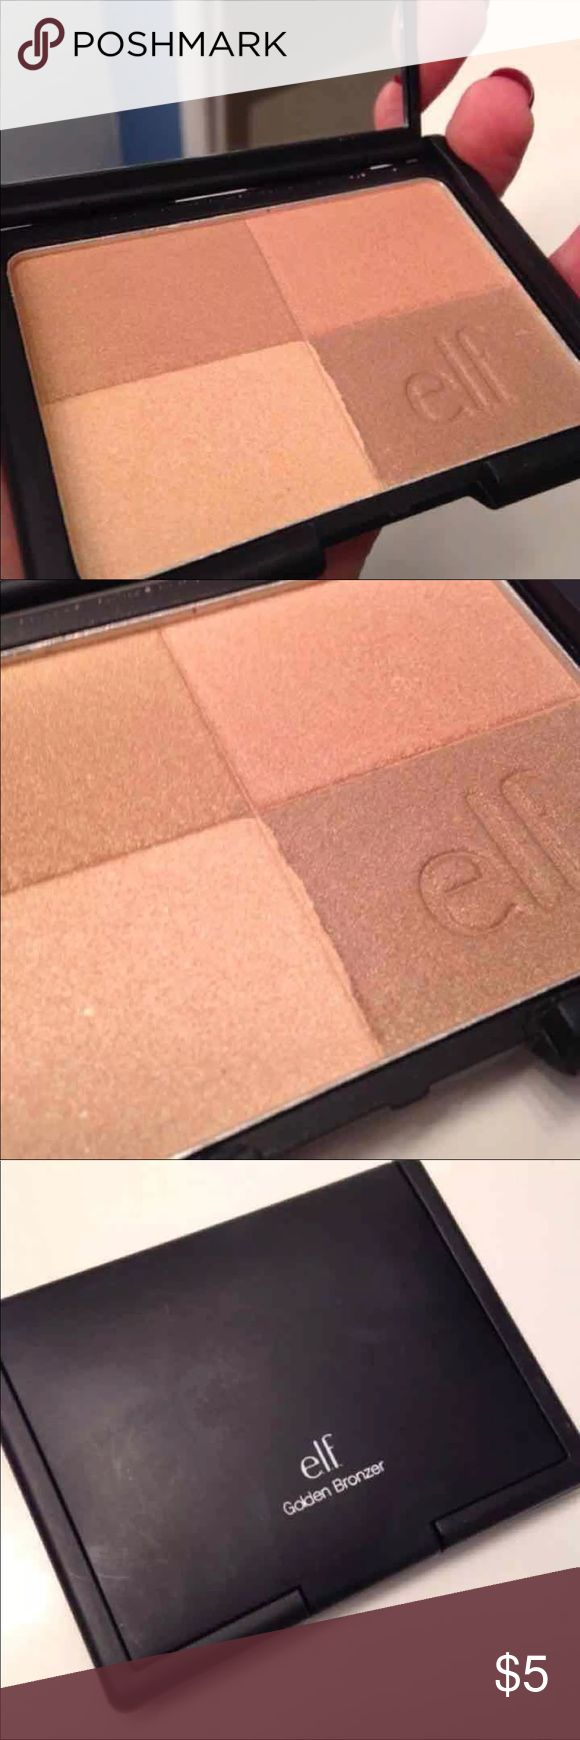 NWOT Elf Bronzer NEVER USED ELF Makeup Bronzer